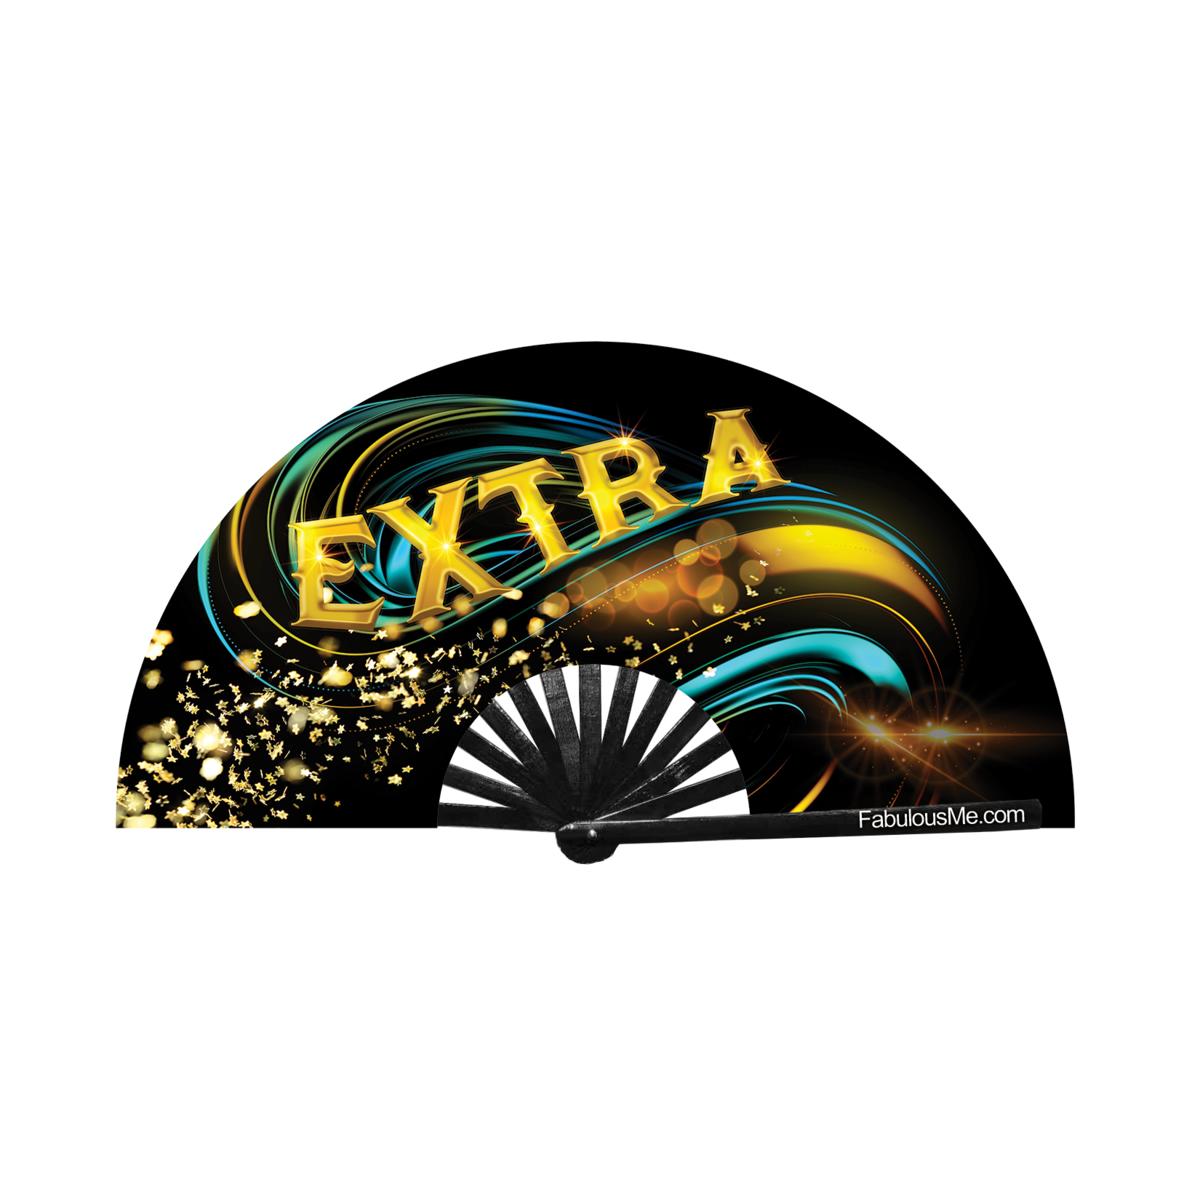 JJMalibu Extra Fan (UV Glow)